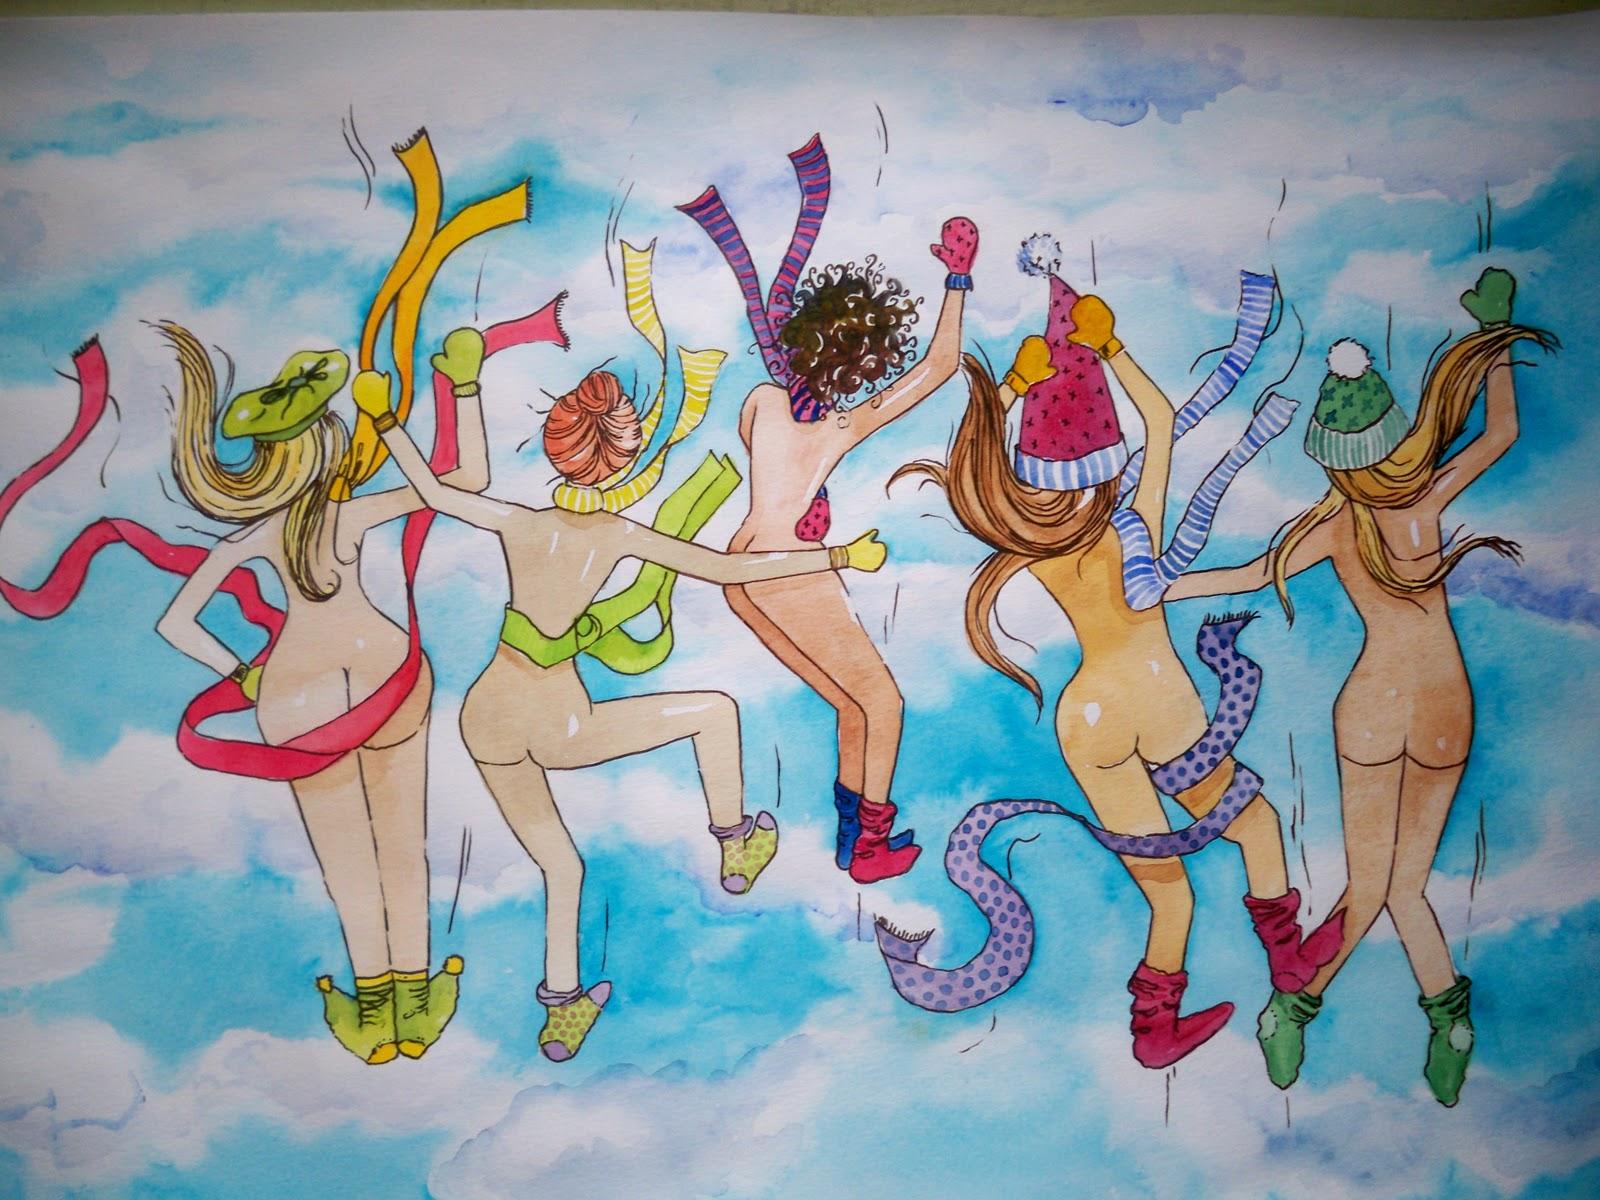 http://1.bp.blogspot.com/_OR1xqkYTZ_M/TRi5ArLZzxI/AAAAAAAAACE/SM9ZV-d6_ws/s1600/paintings2010+078.jpg